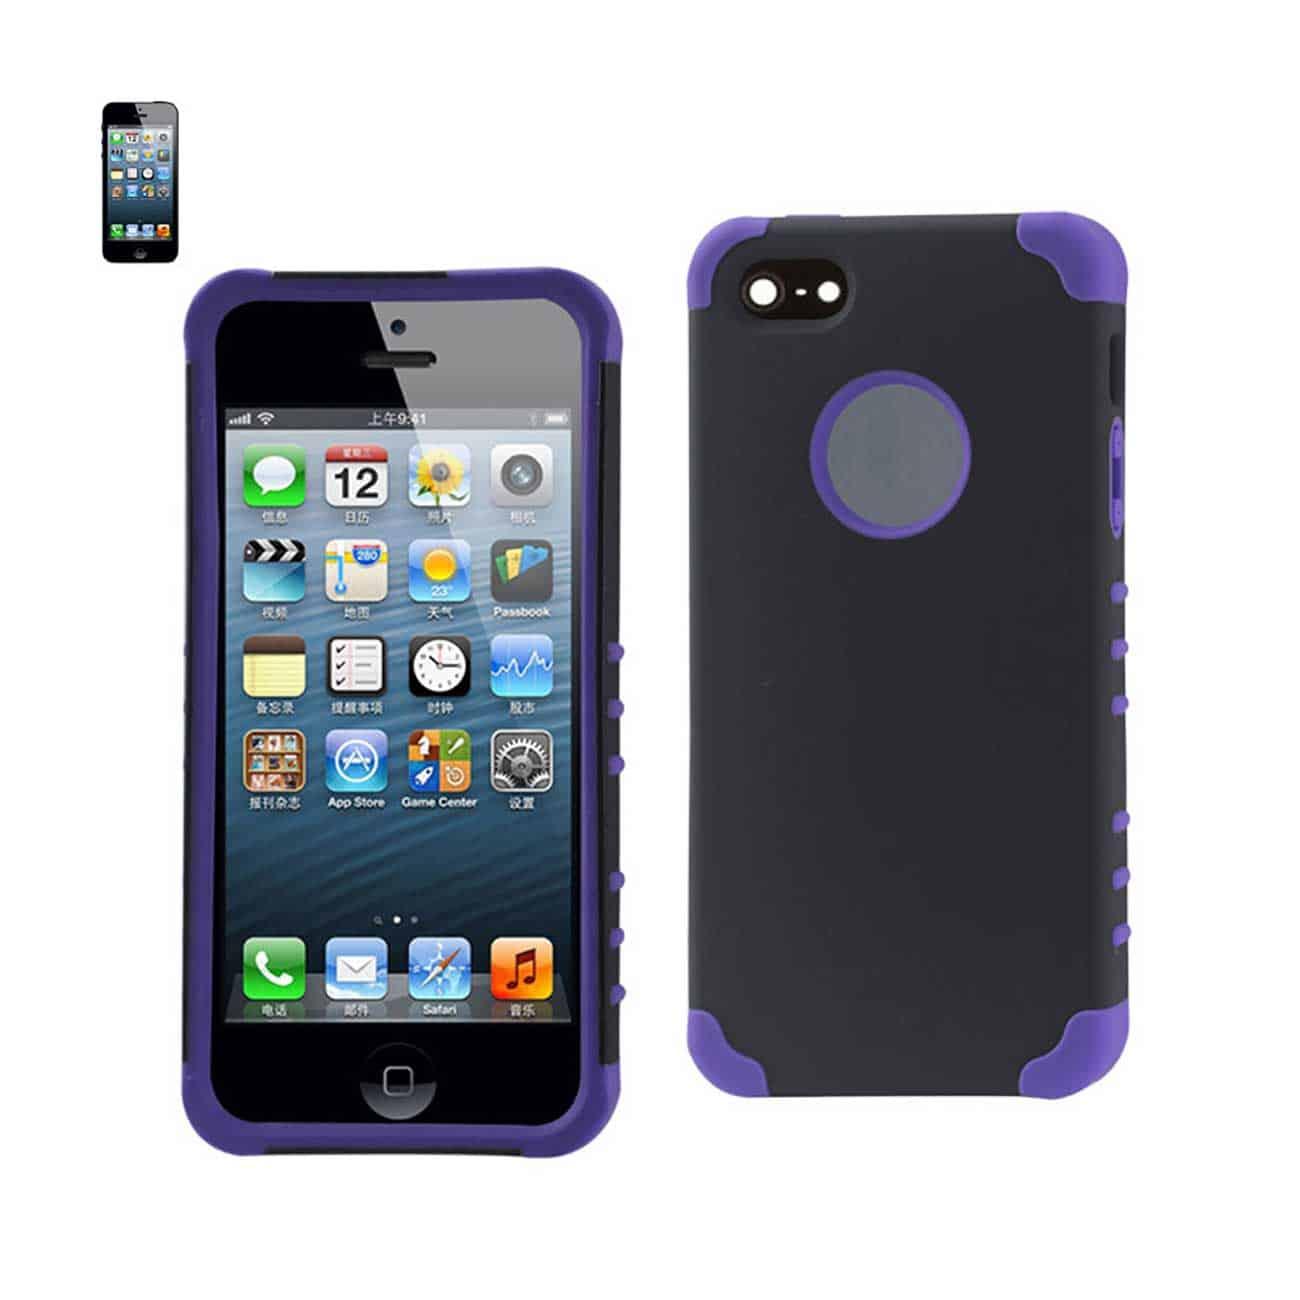 IPHONE 5/5S/SE HYBRID HEAVY DUTY CASE IN BLACK PURPLE